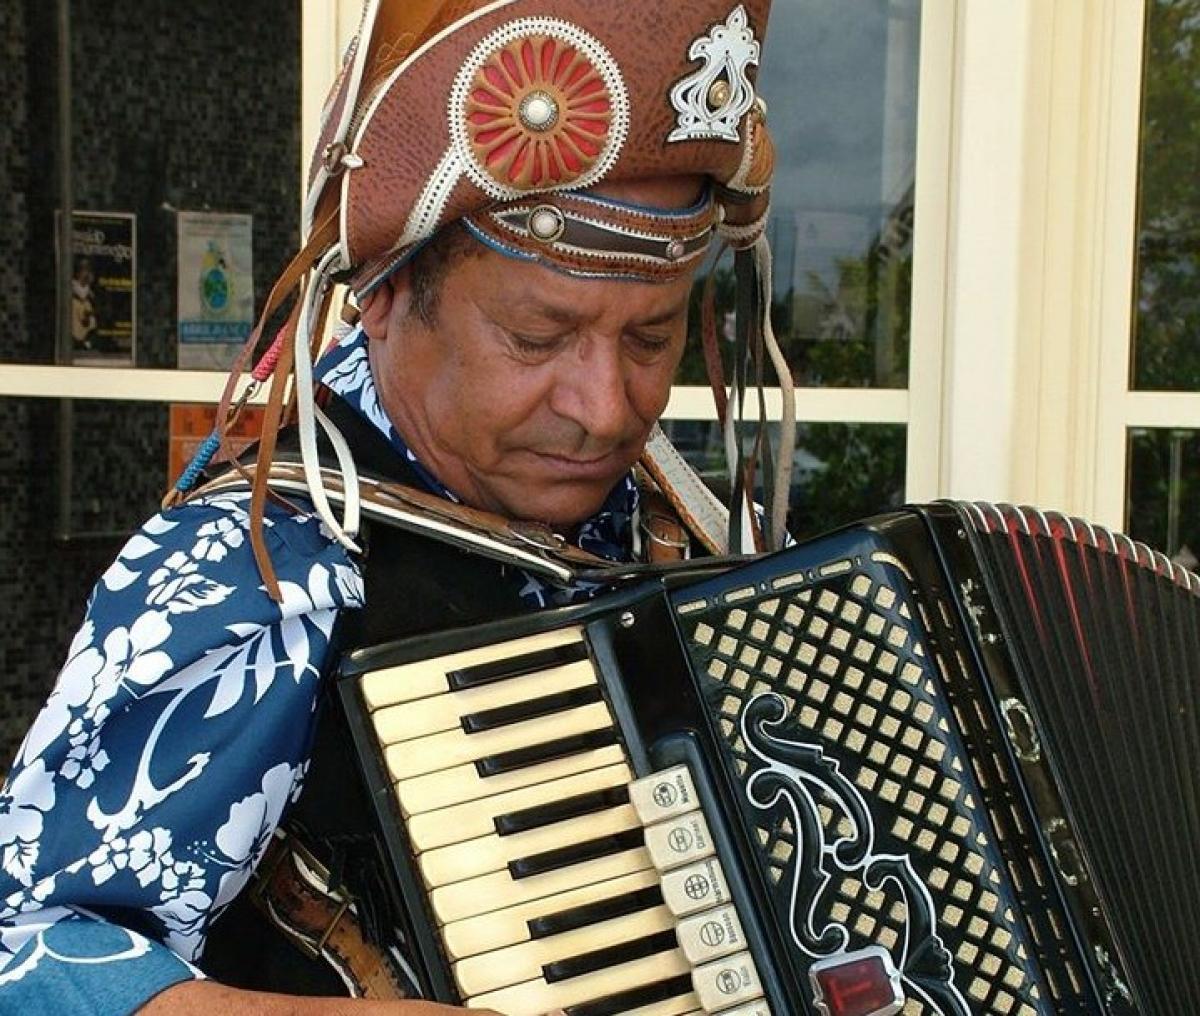 Cultura sergipana perde o músico Edgard do Acordeon. Foto: reprodução Facebook